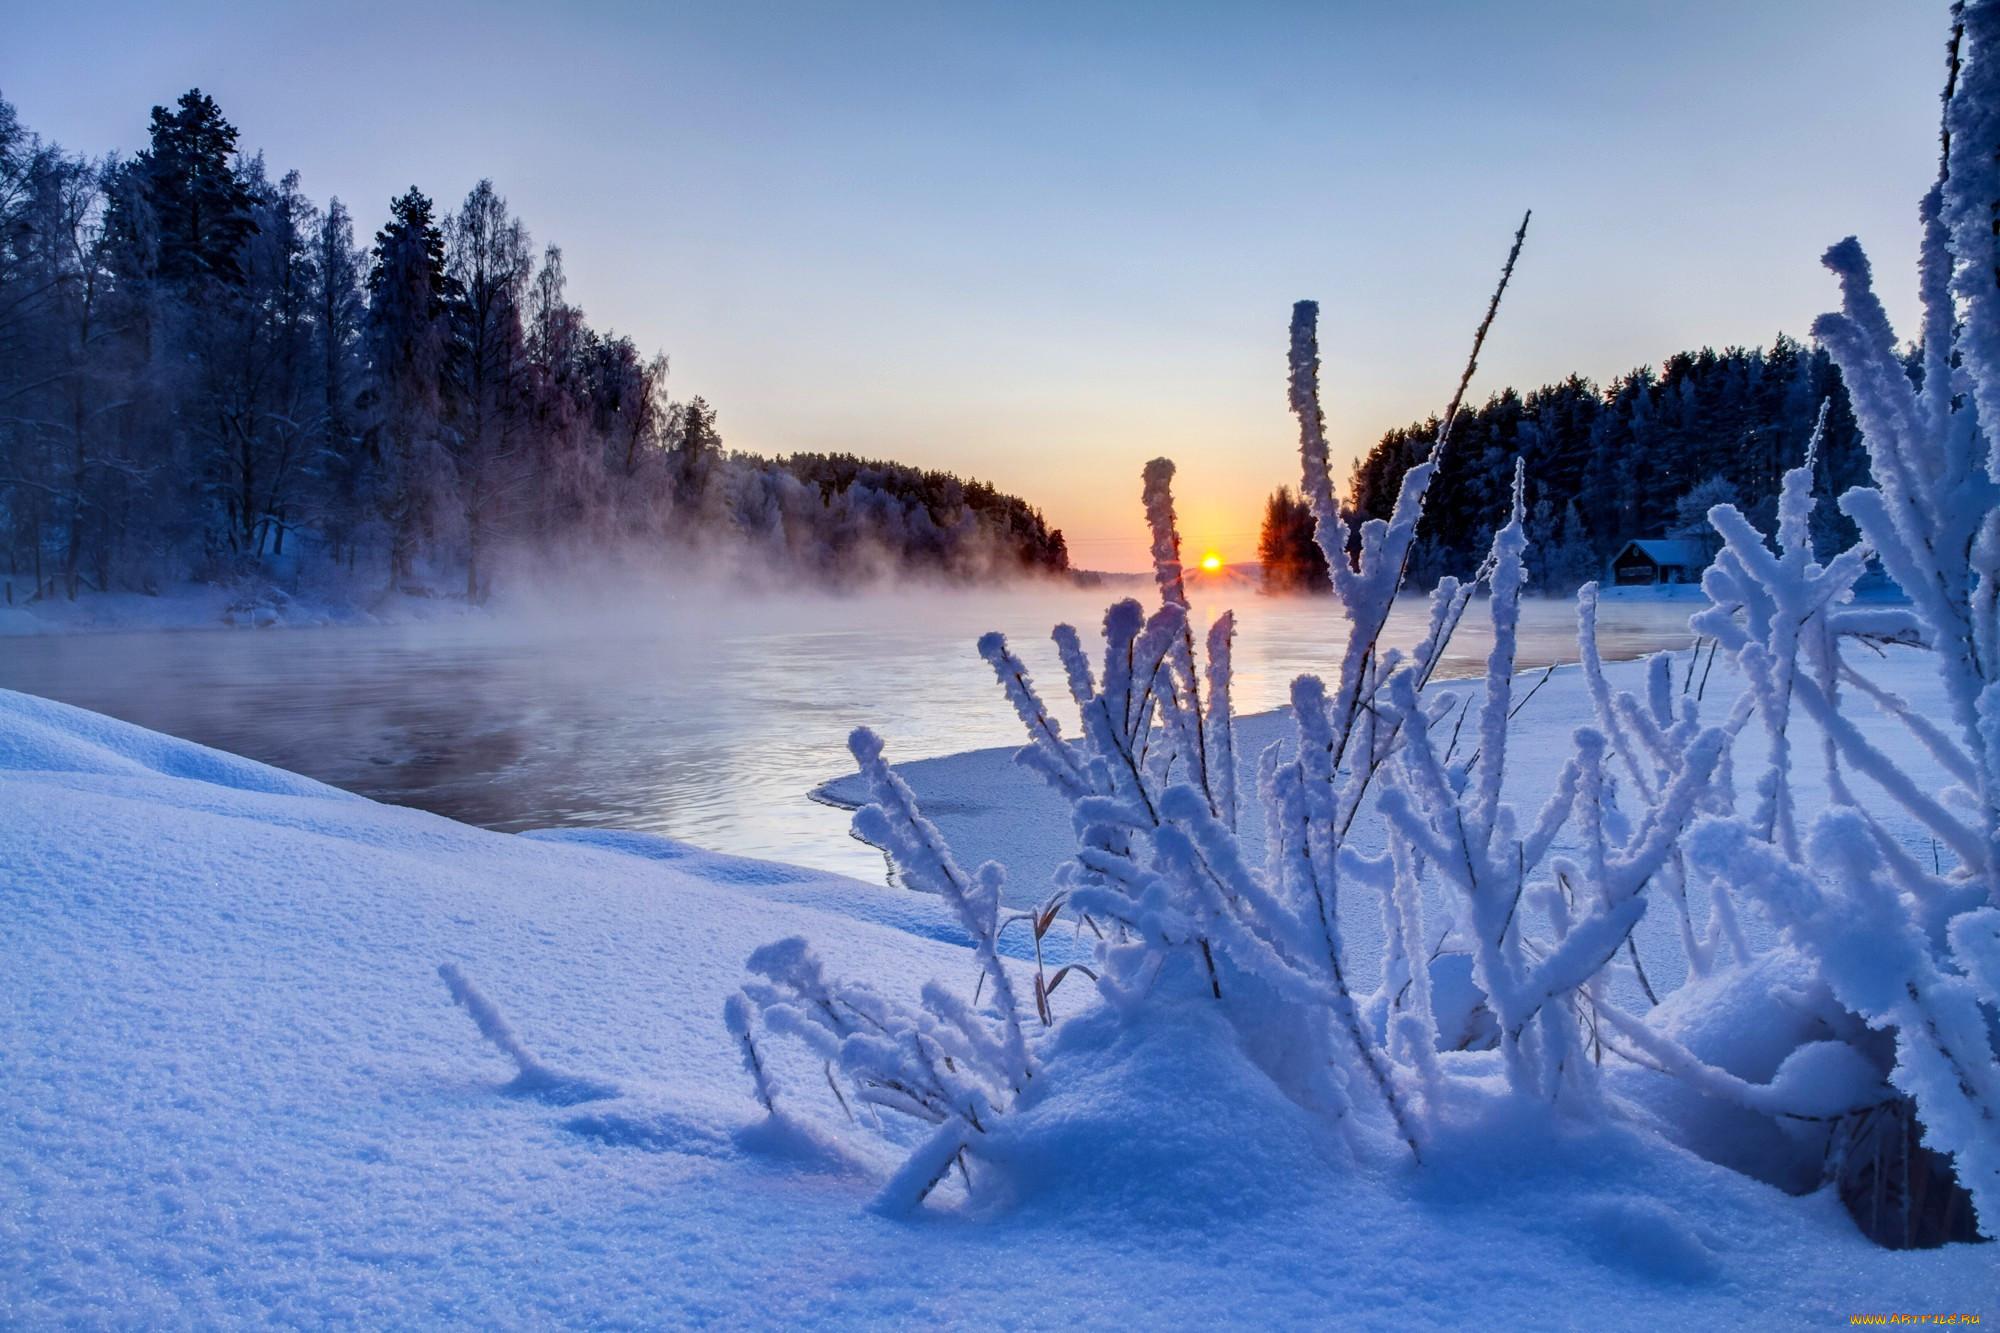 кого фотографии о красоте зимы большая